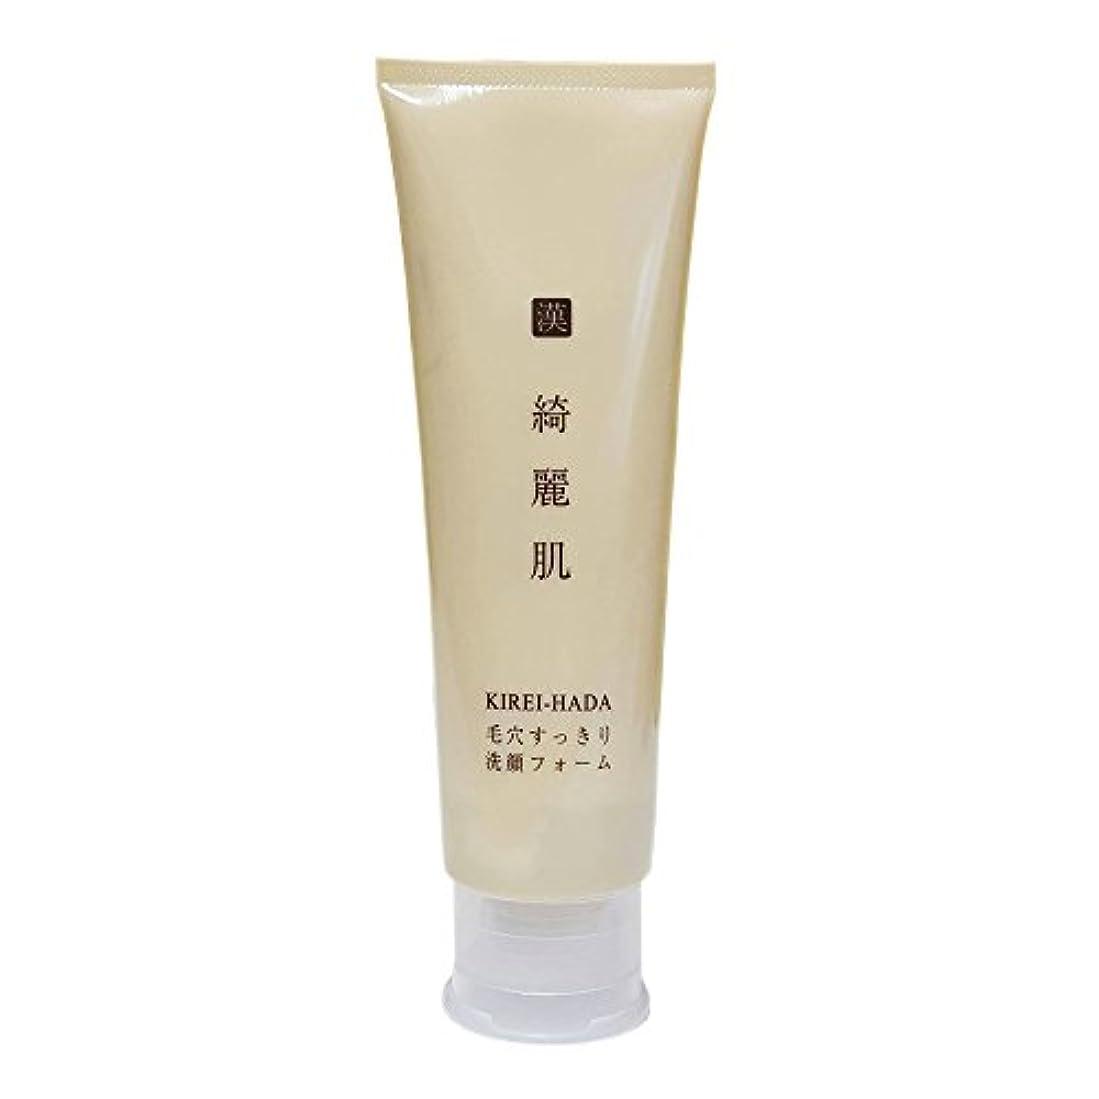 毛穴すっきり 洗顔フォーム パラベンフリー120g